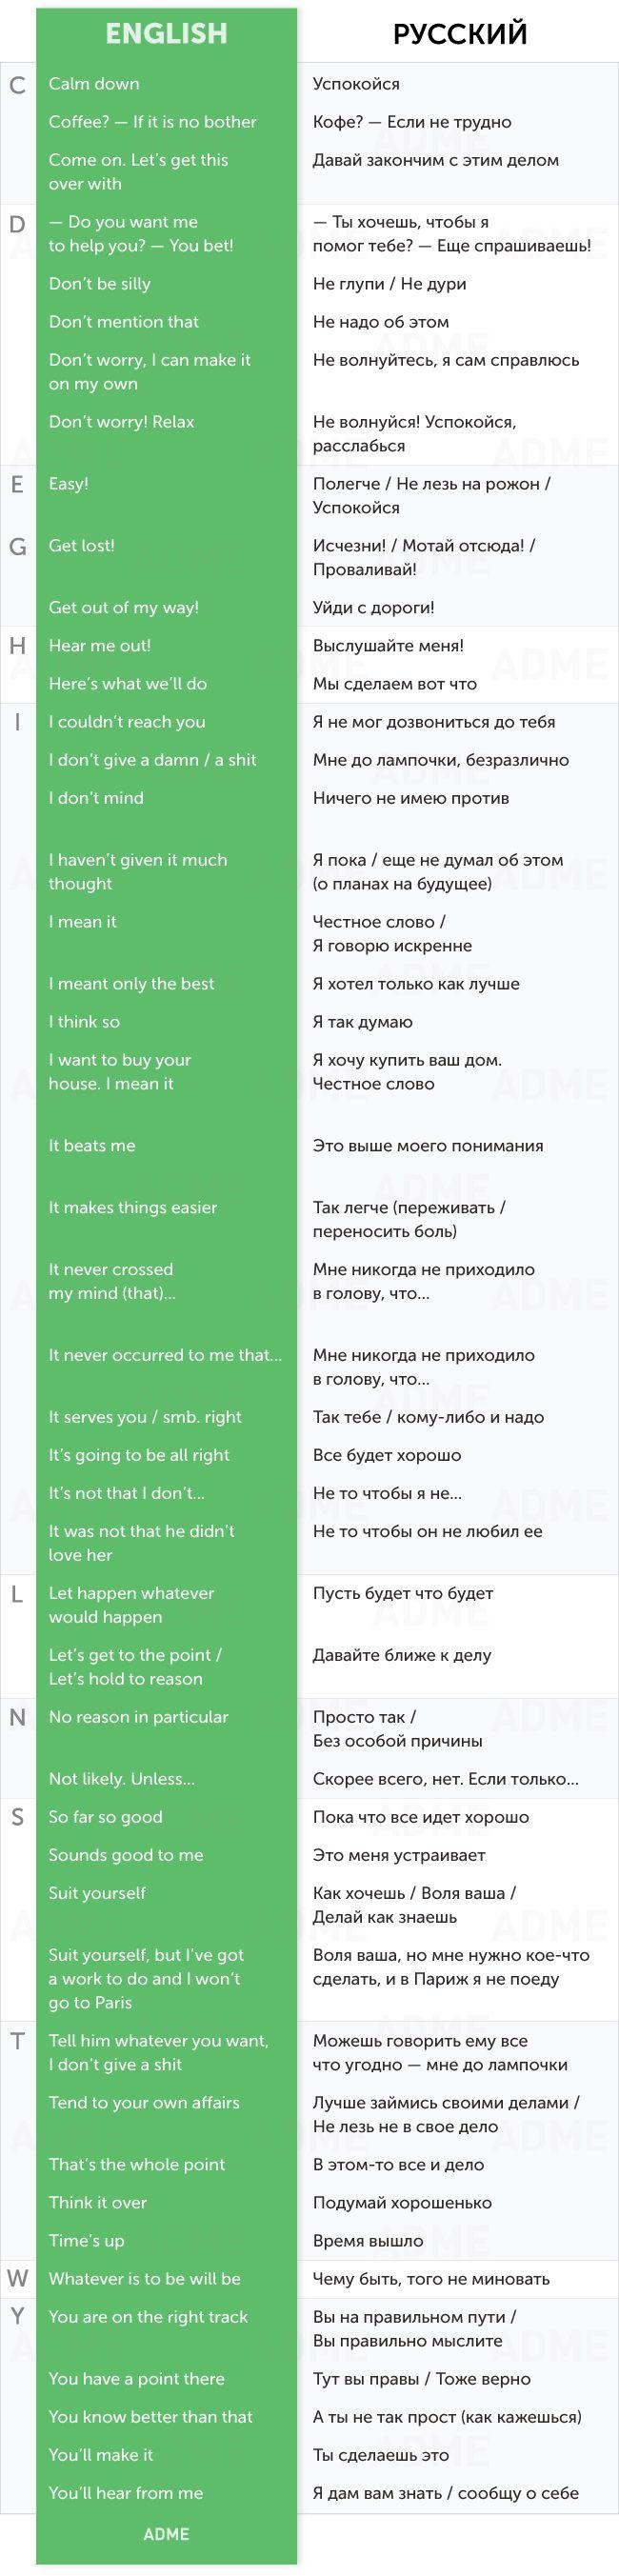 http://www.adme.ru/zhizn-nauka/50-razgovornyh-fraz-dlya-obscheniya-na-anglijskom-886310/